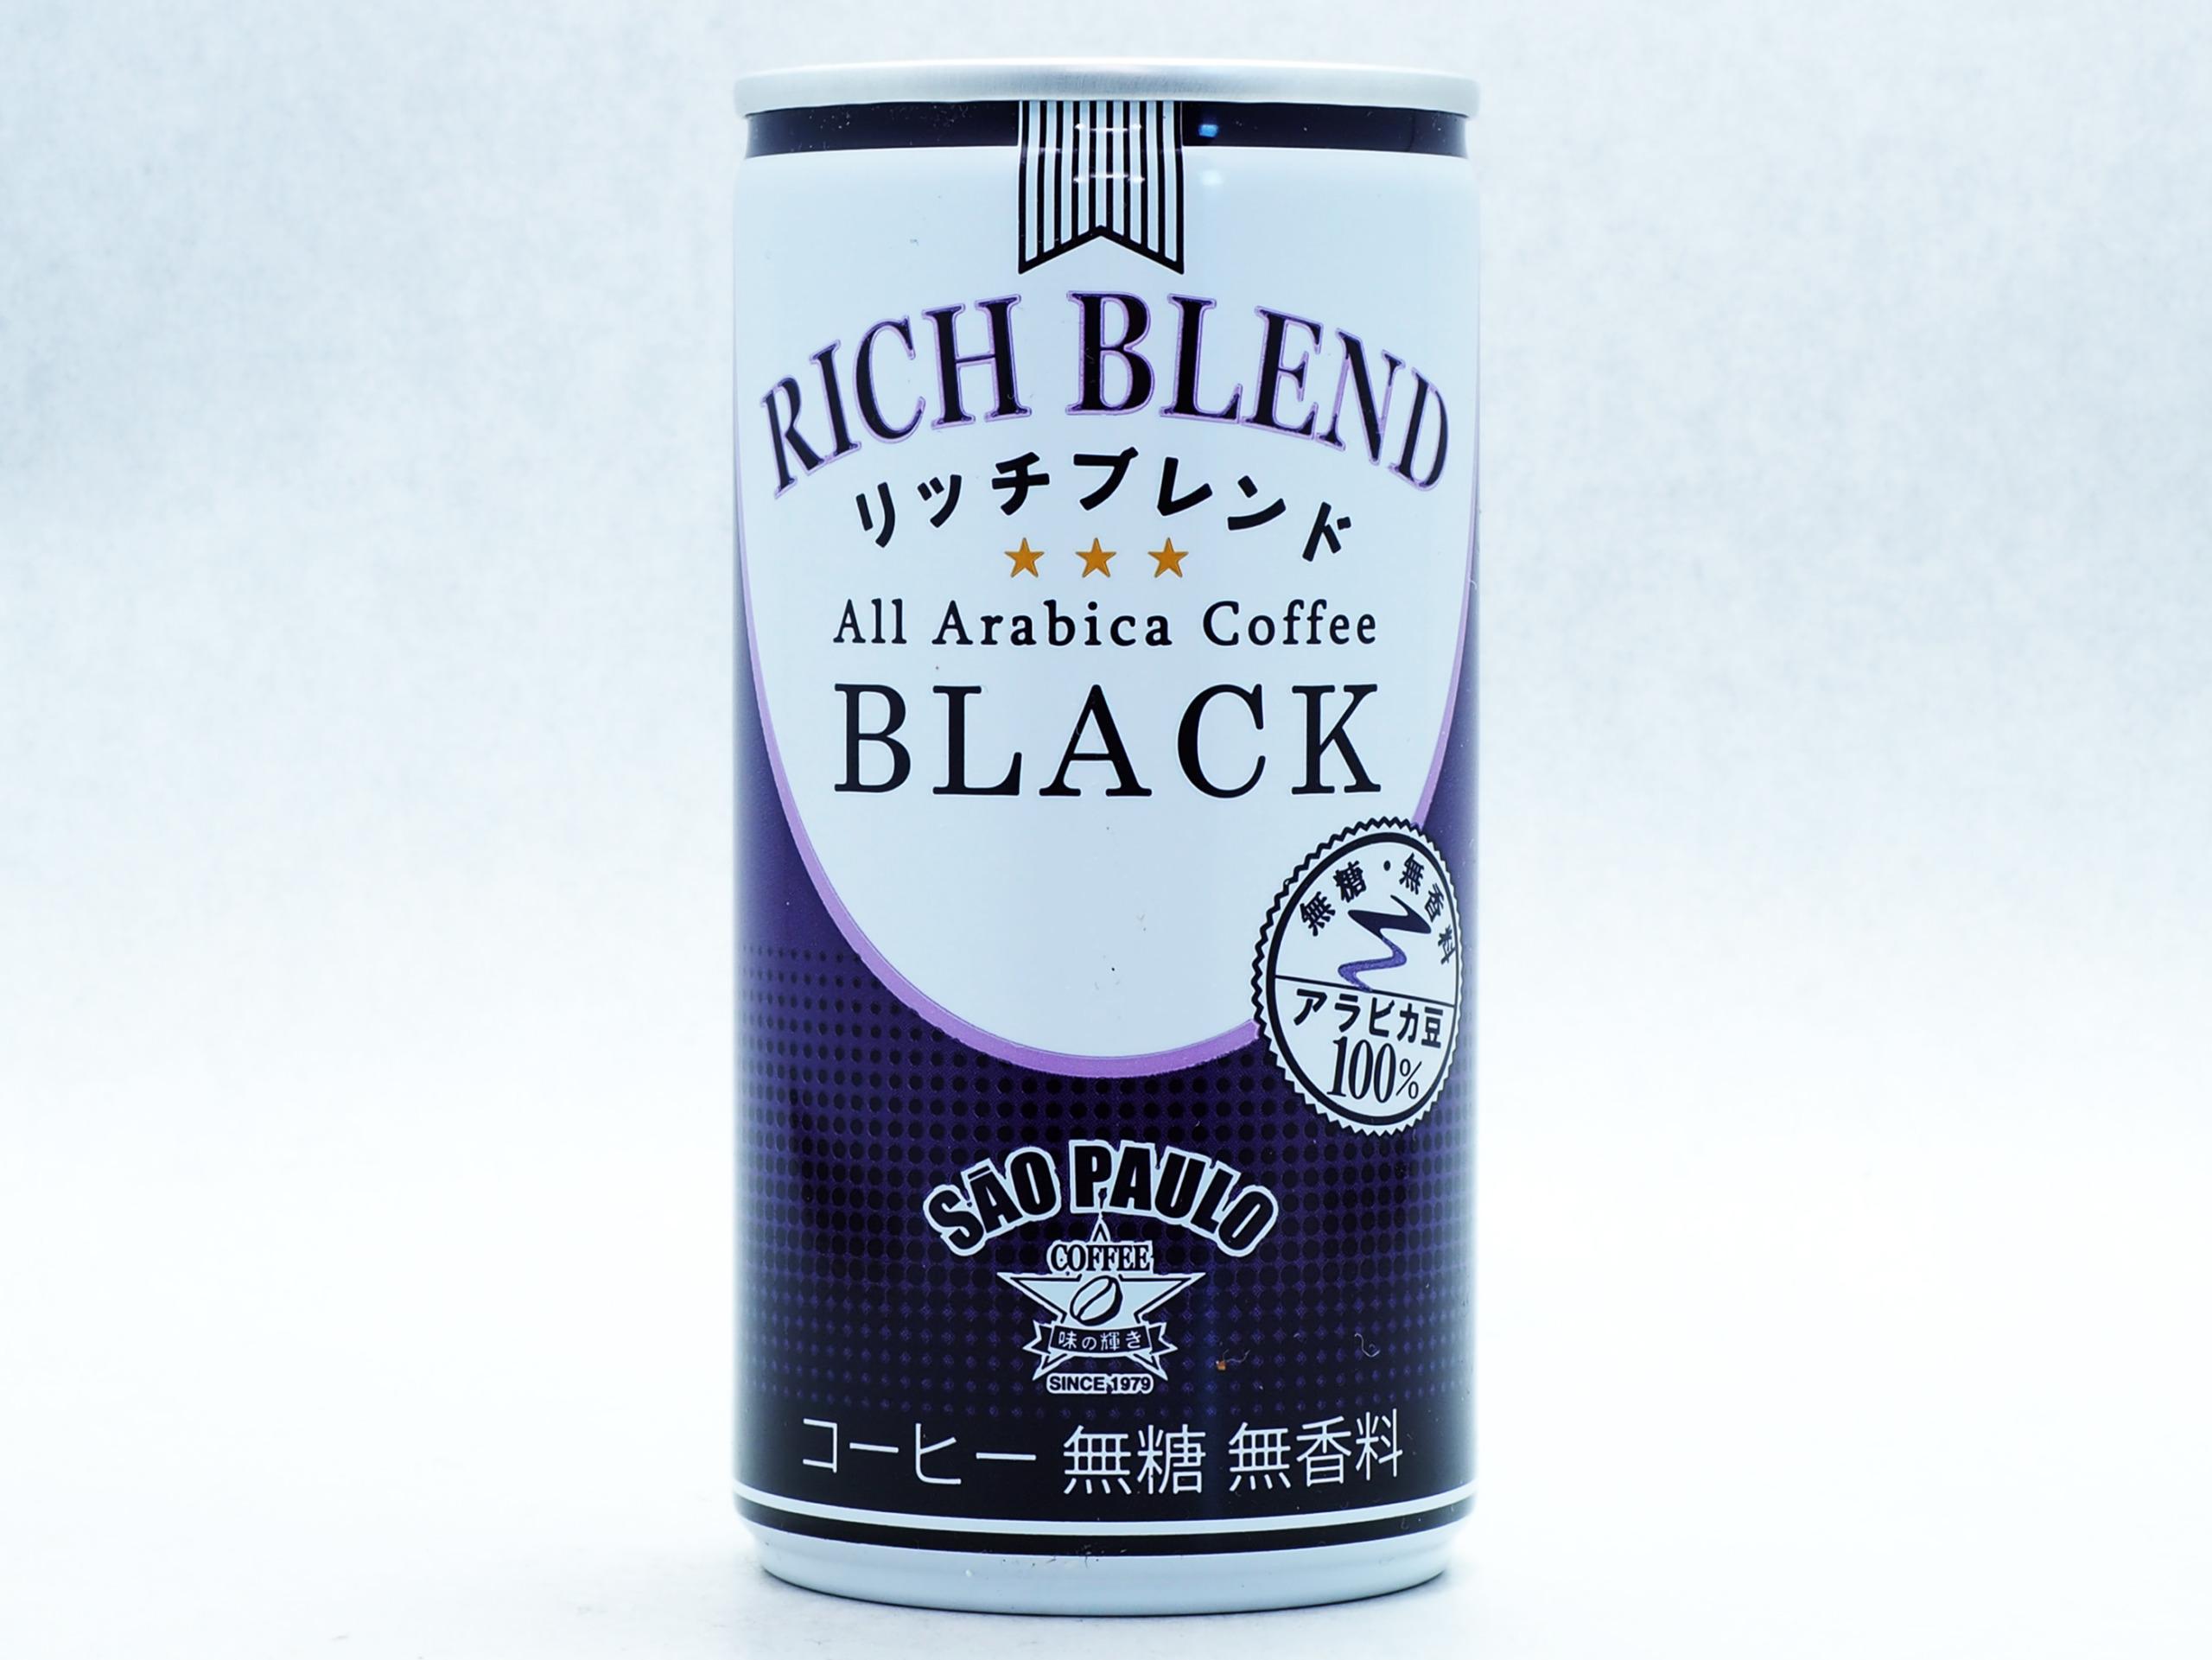 サンパウロコーヒーフーズ リッチブレンド ブラック